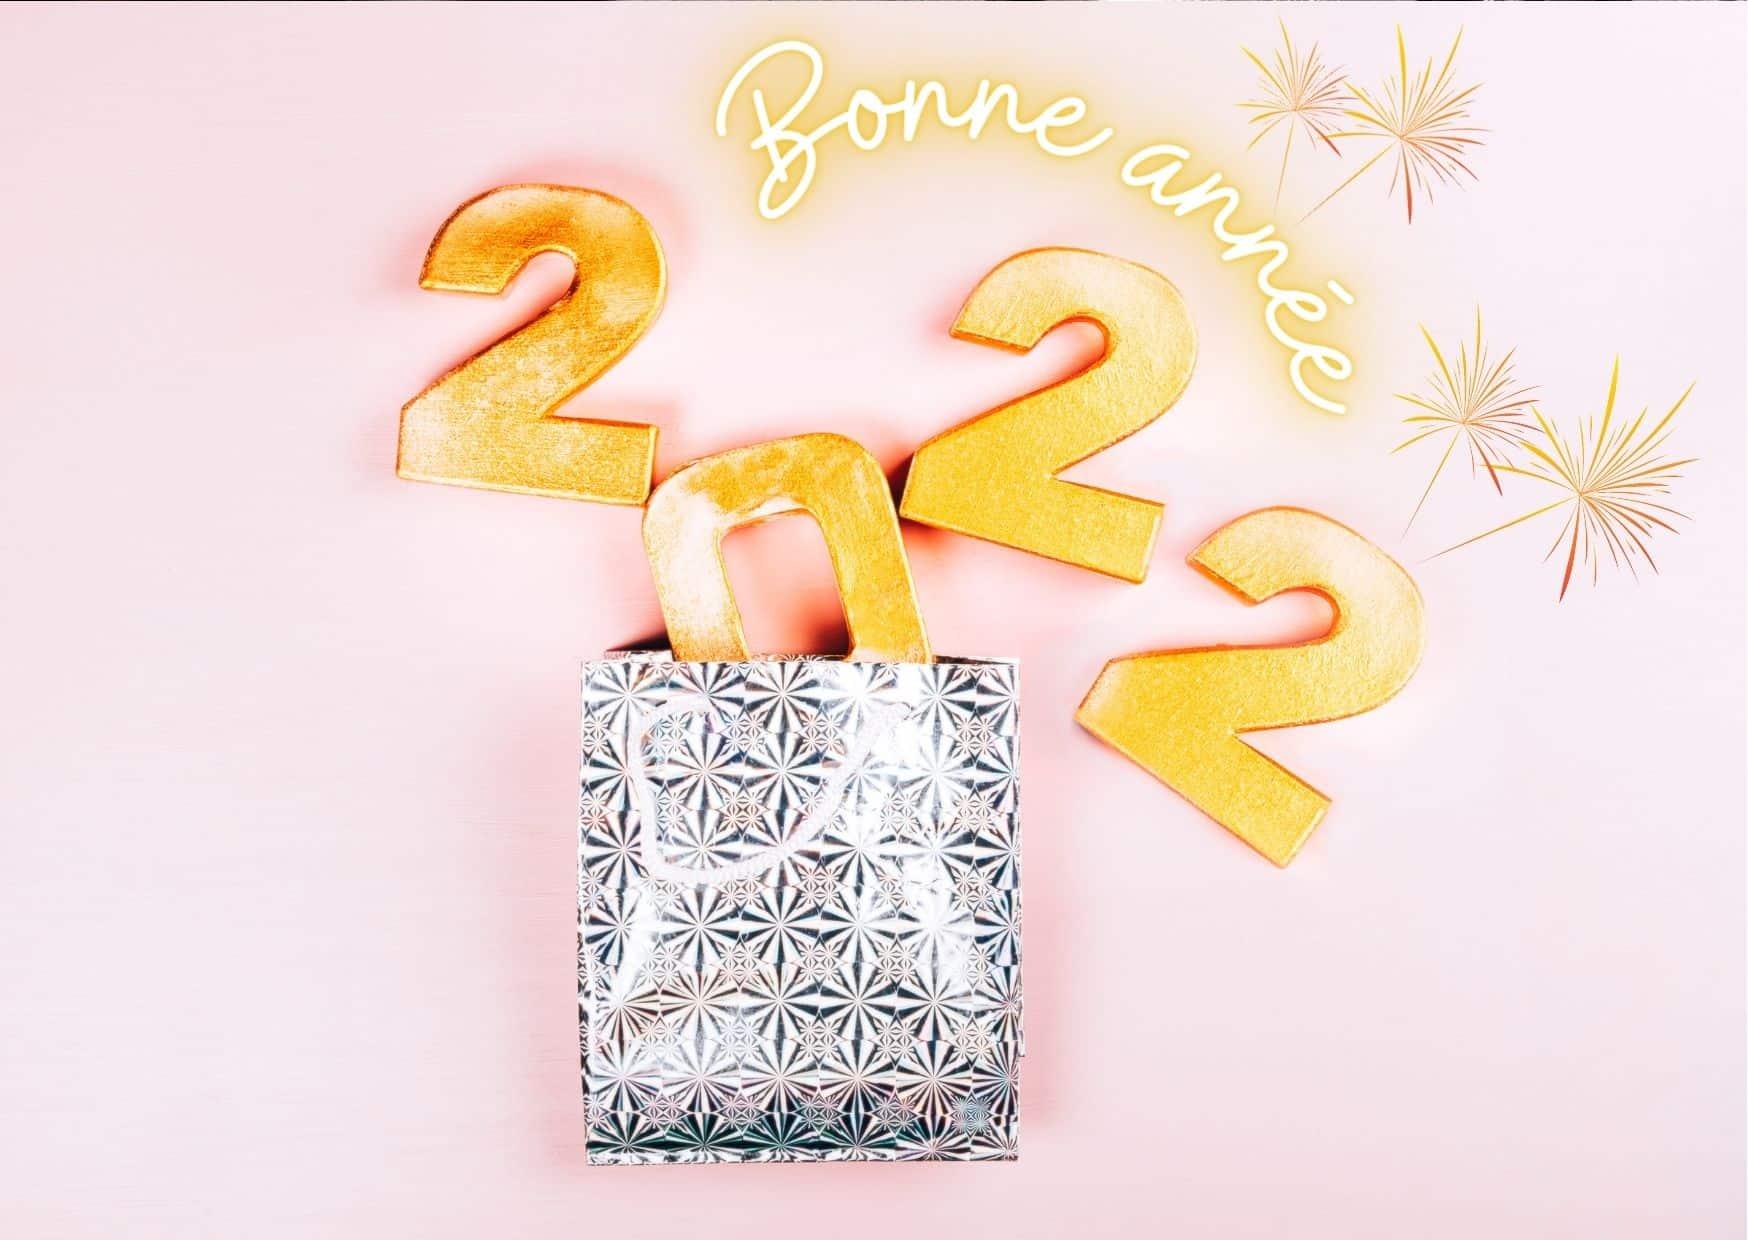 cadeau bonne année 2022